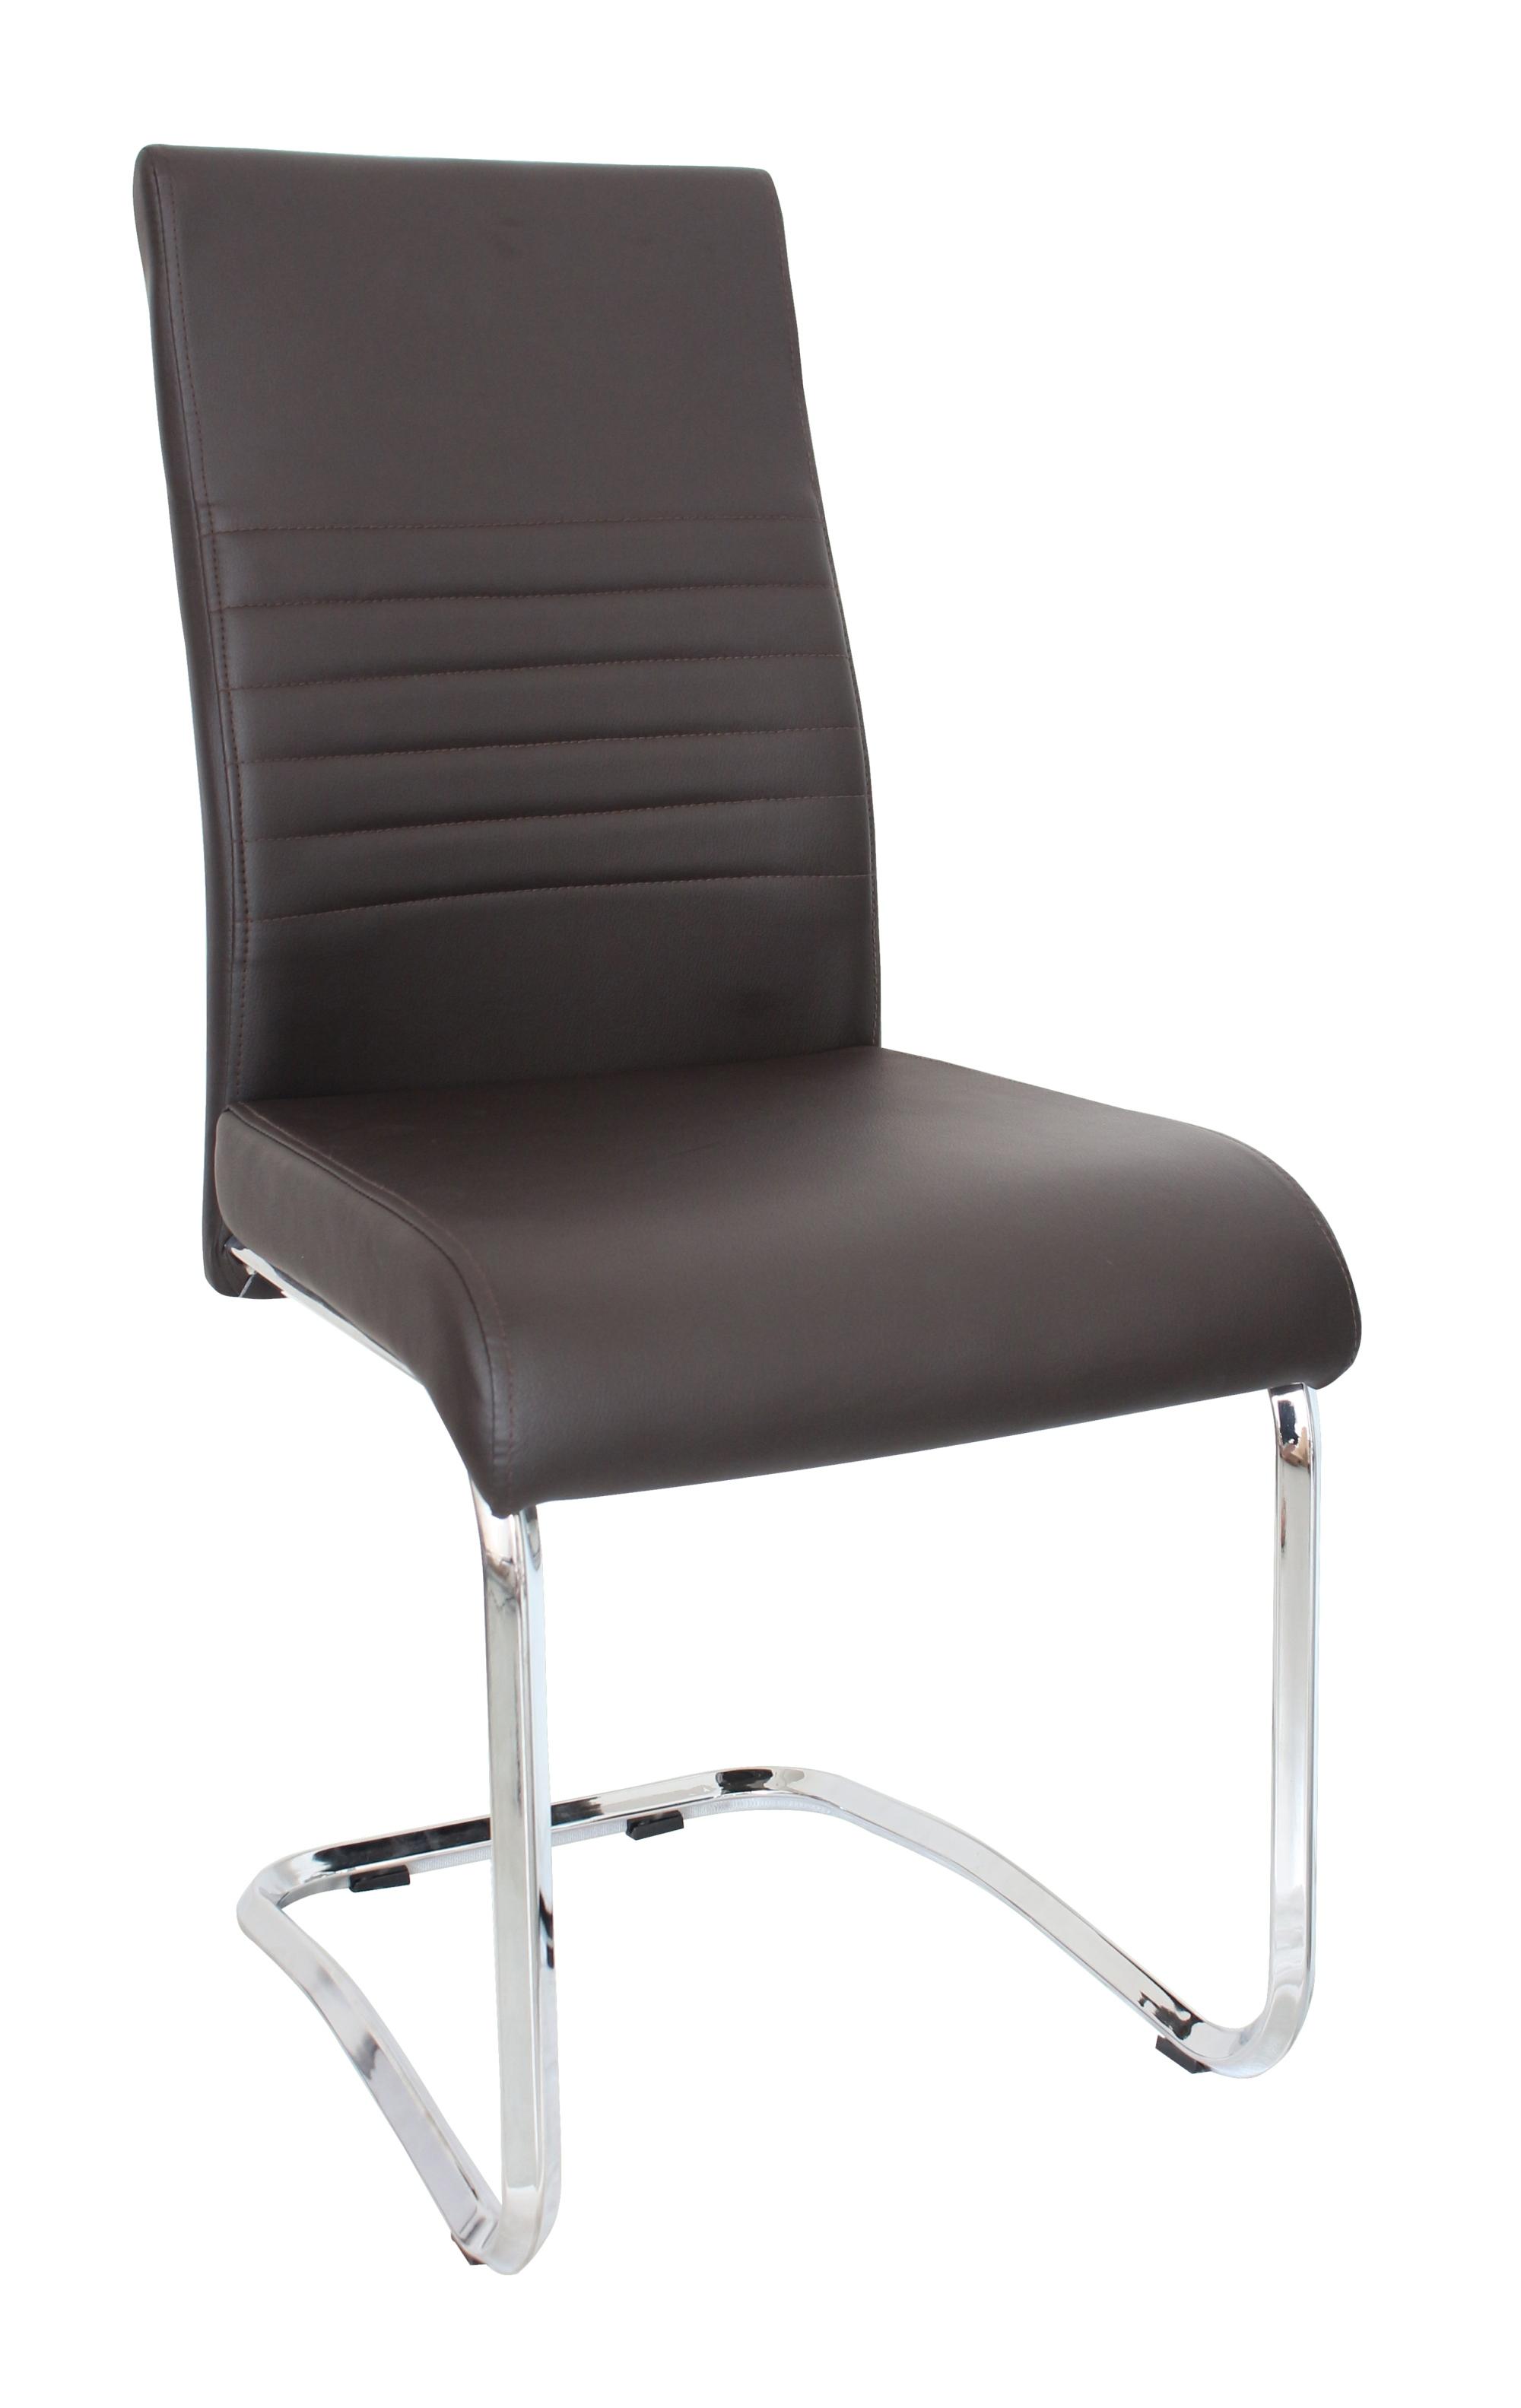 Chaise de salle à manger design en métal & PU coloris brun (lot de 4) Paulo